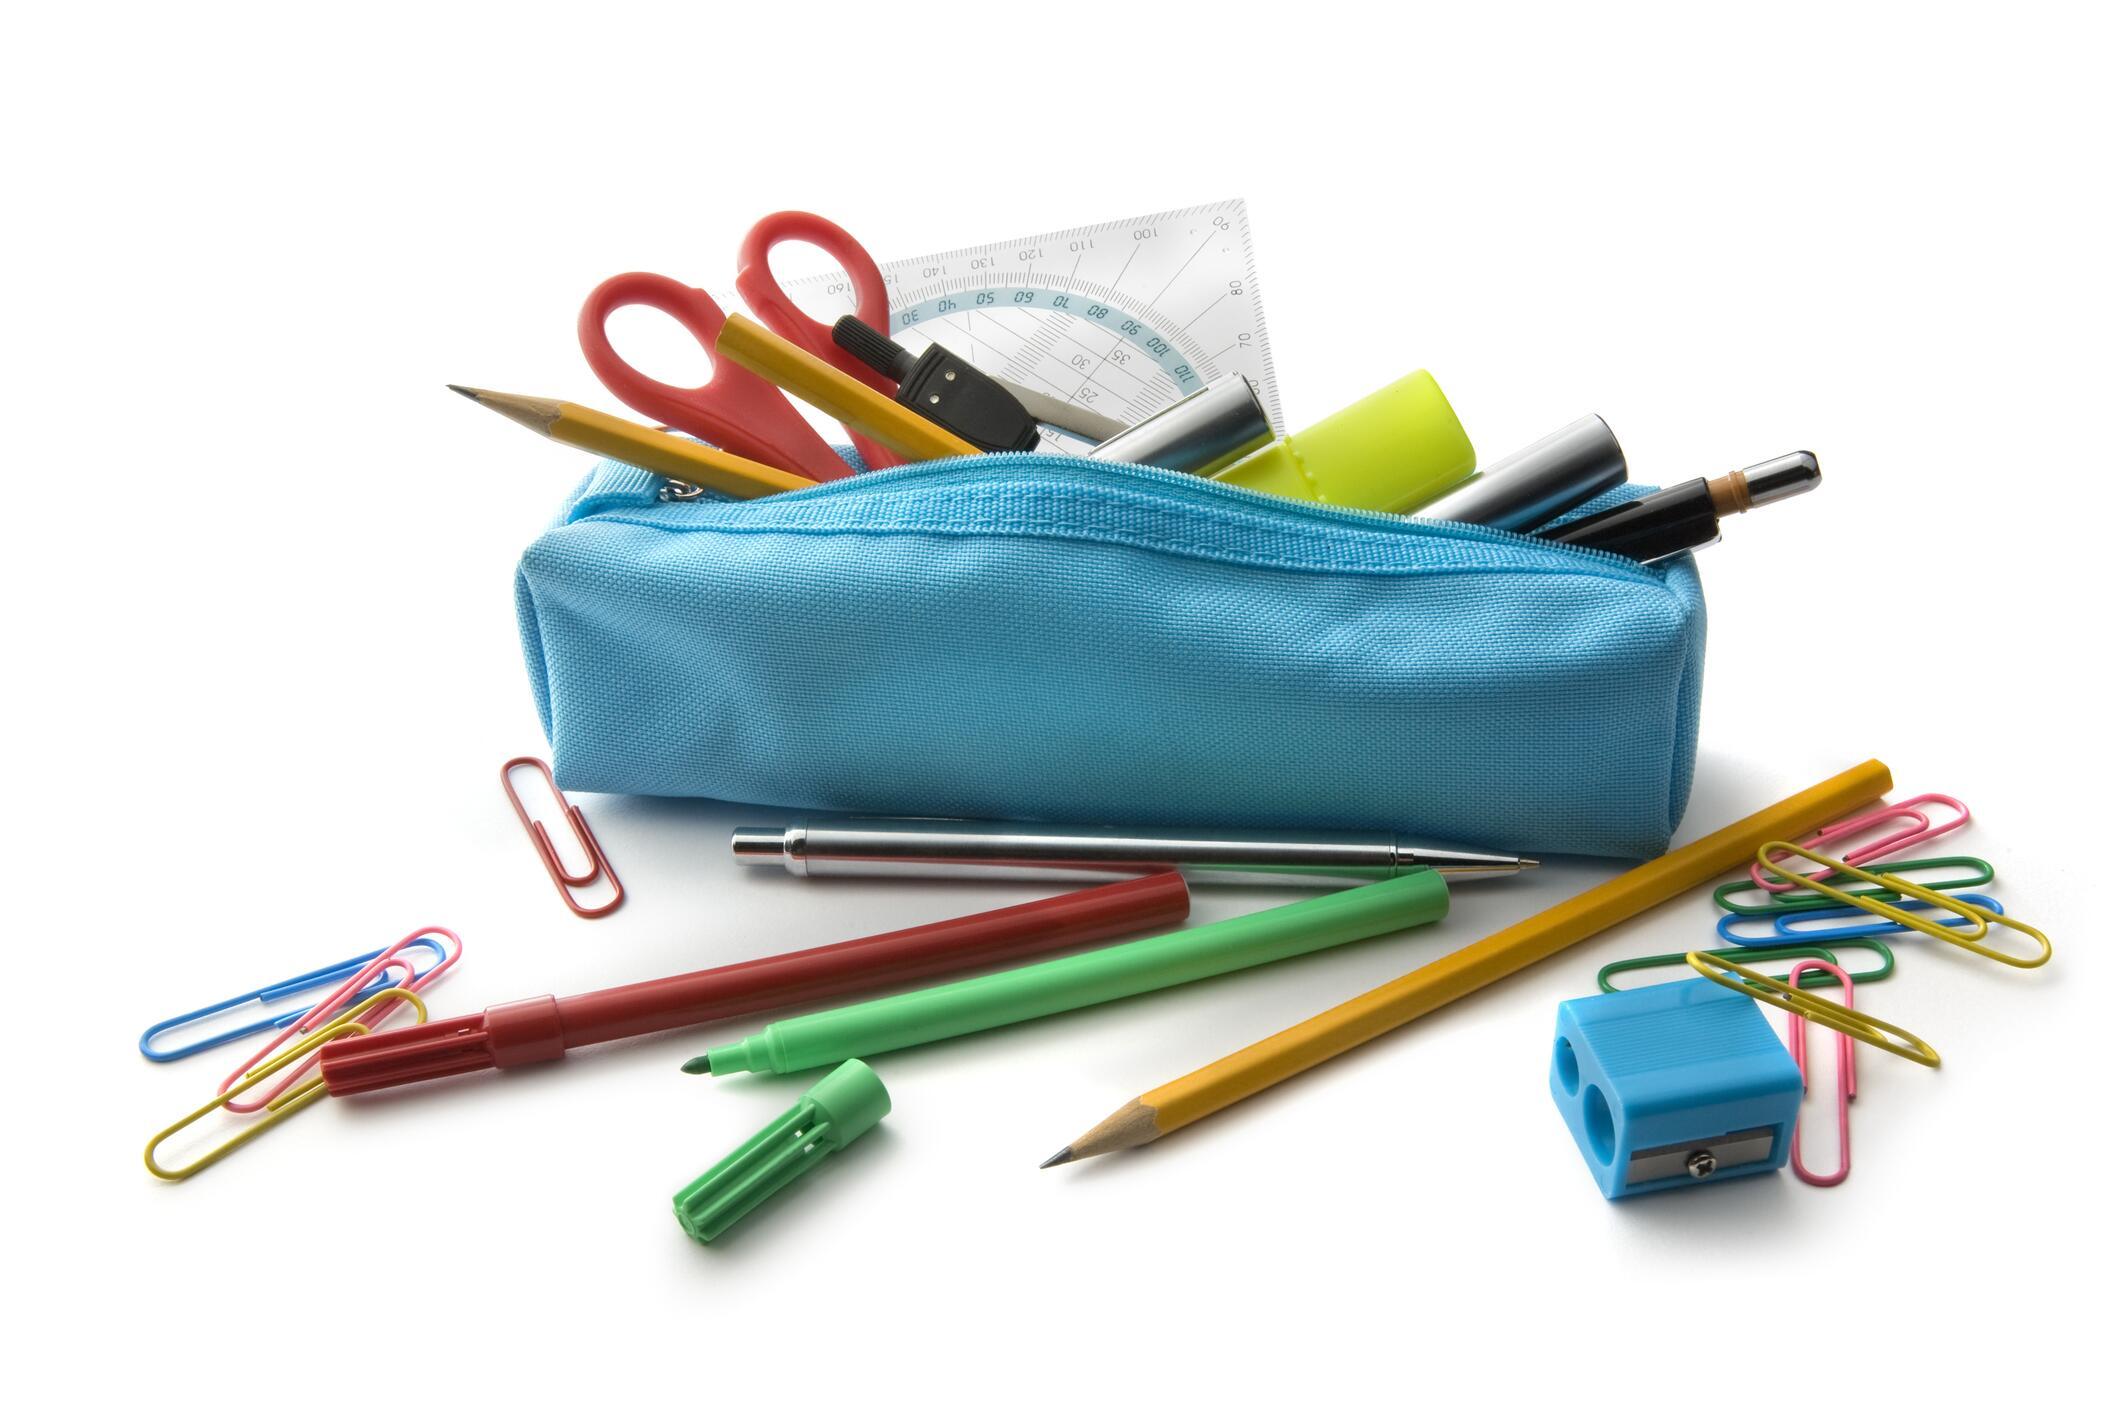 Bild zu Ein blaues Mäppchen vollgepackt mit allerlei Stiften, einer Schere, einem Lineal und andern Sachen.